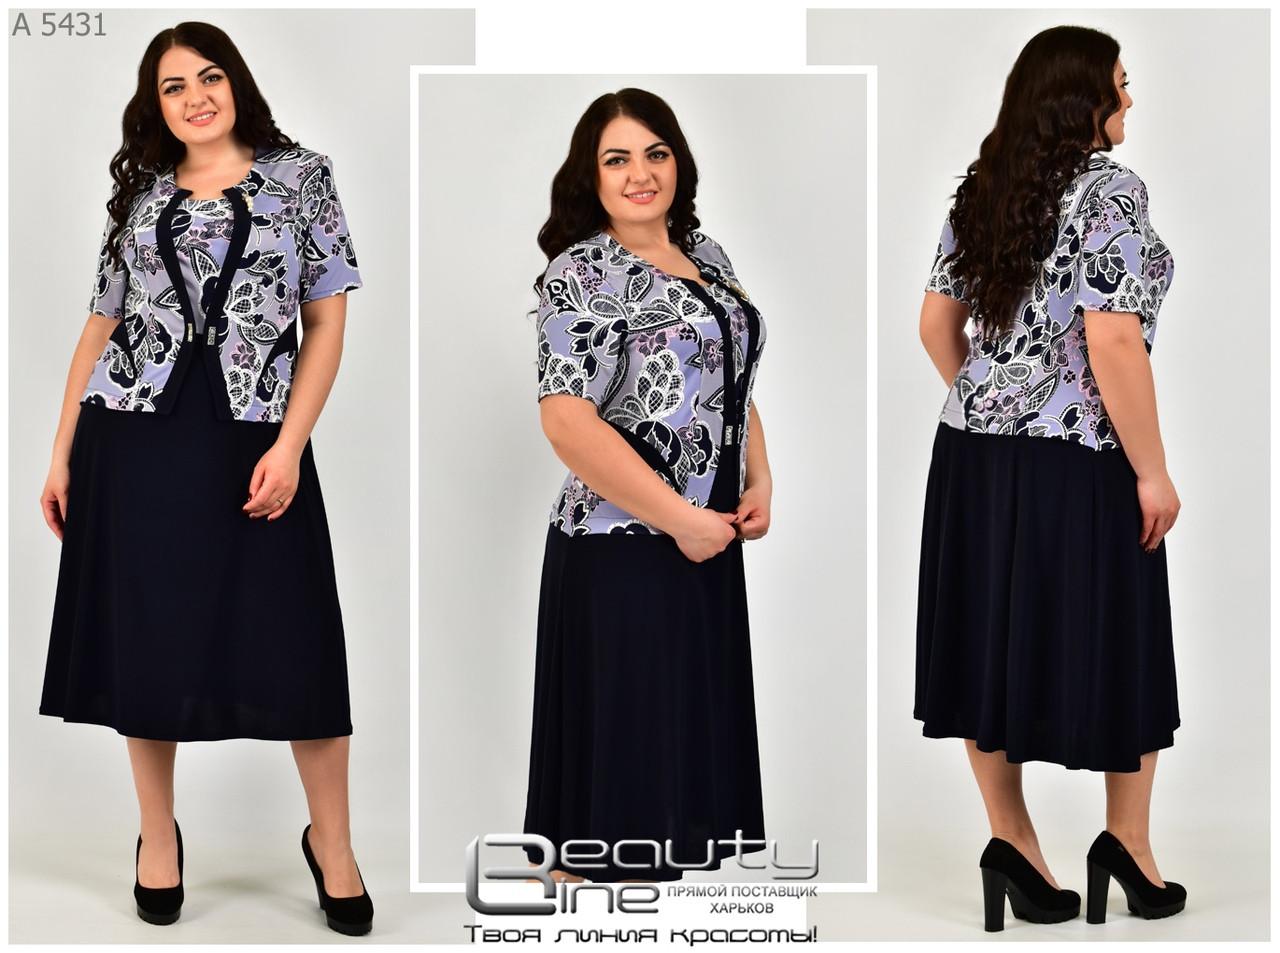 7732790d5c7 Платье женское для полных женщин размеры  54-74 - Интернет-магазин